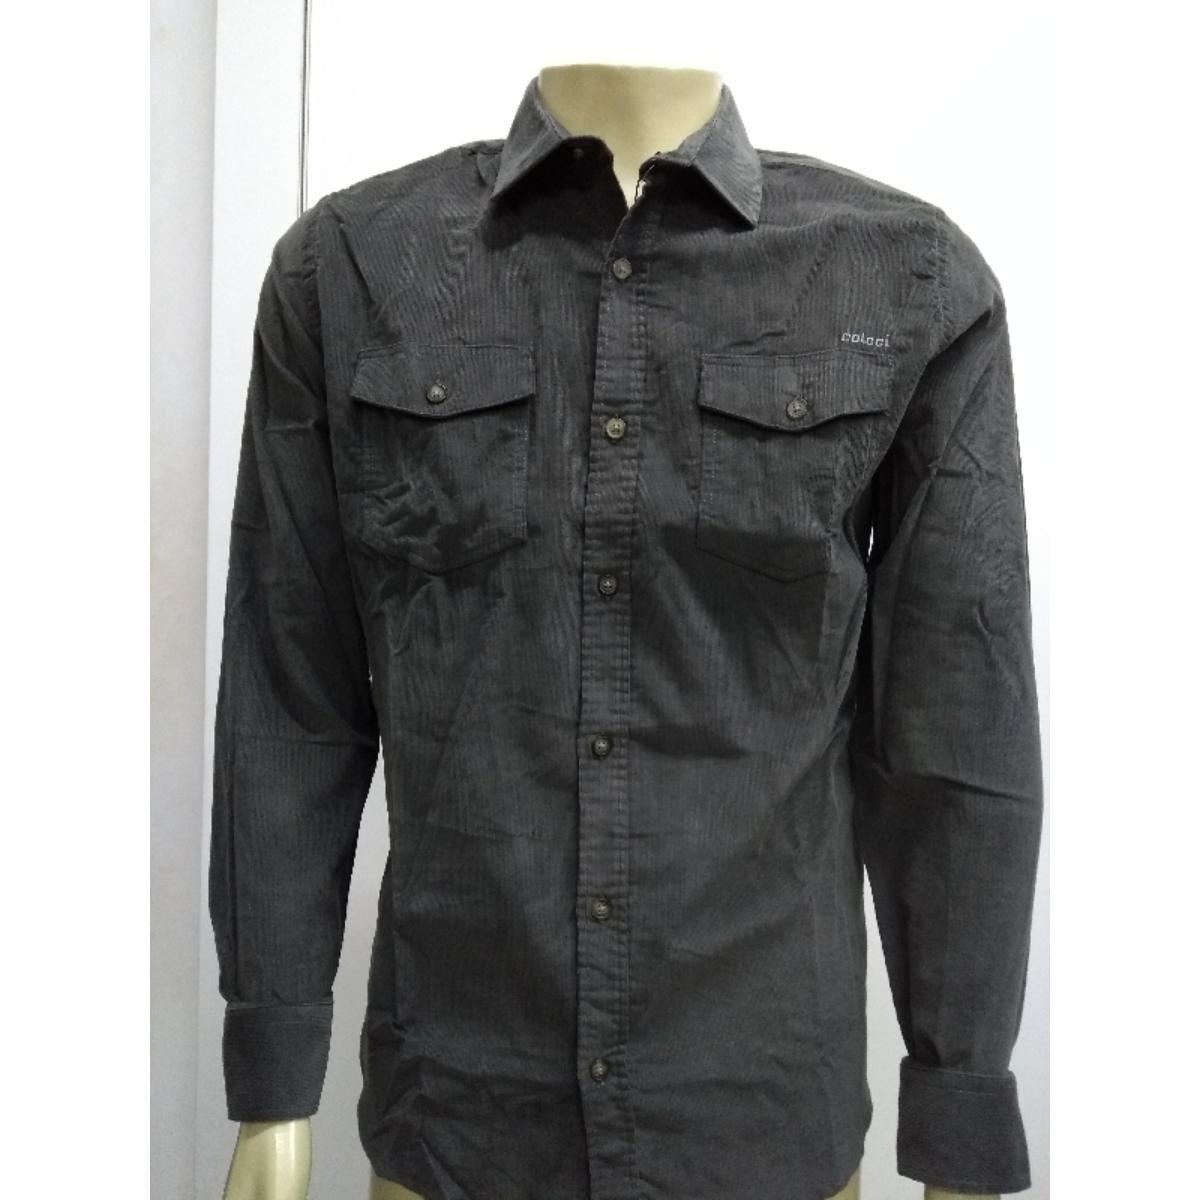 Camisa Masculina Colcci 310103481 63427 Grafite